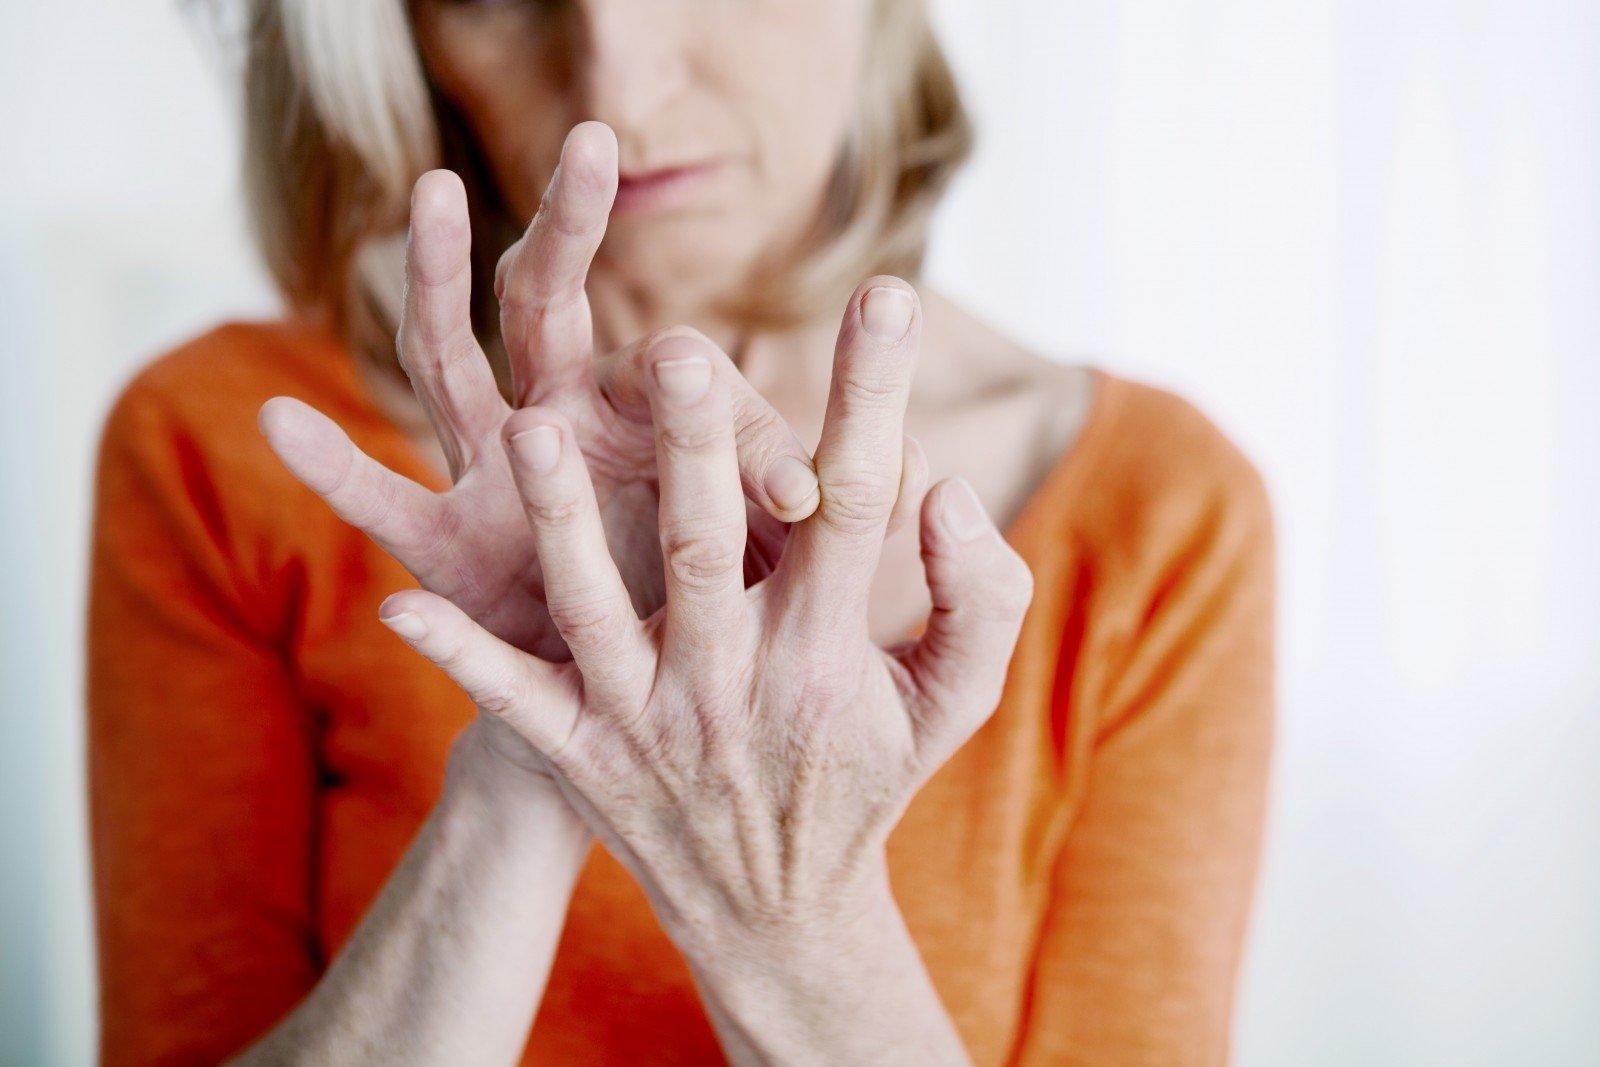 gydymas šepečio sąnarių namuose swollen painful toe joints